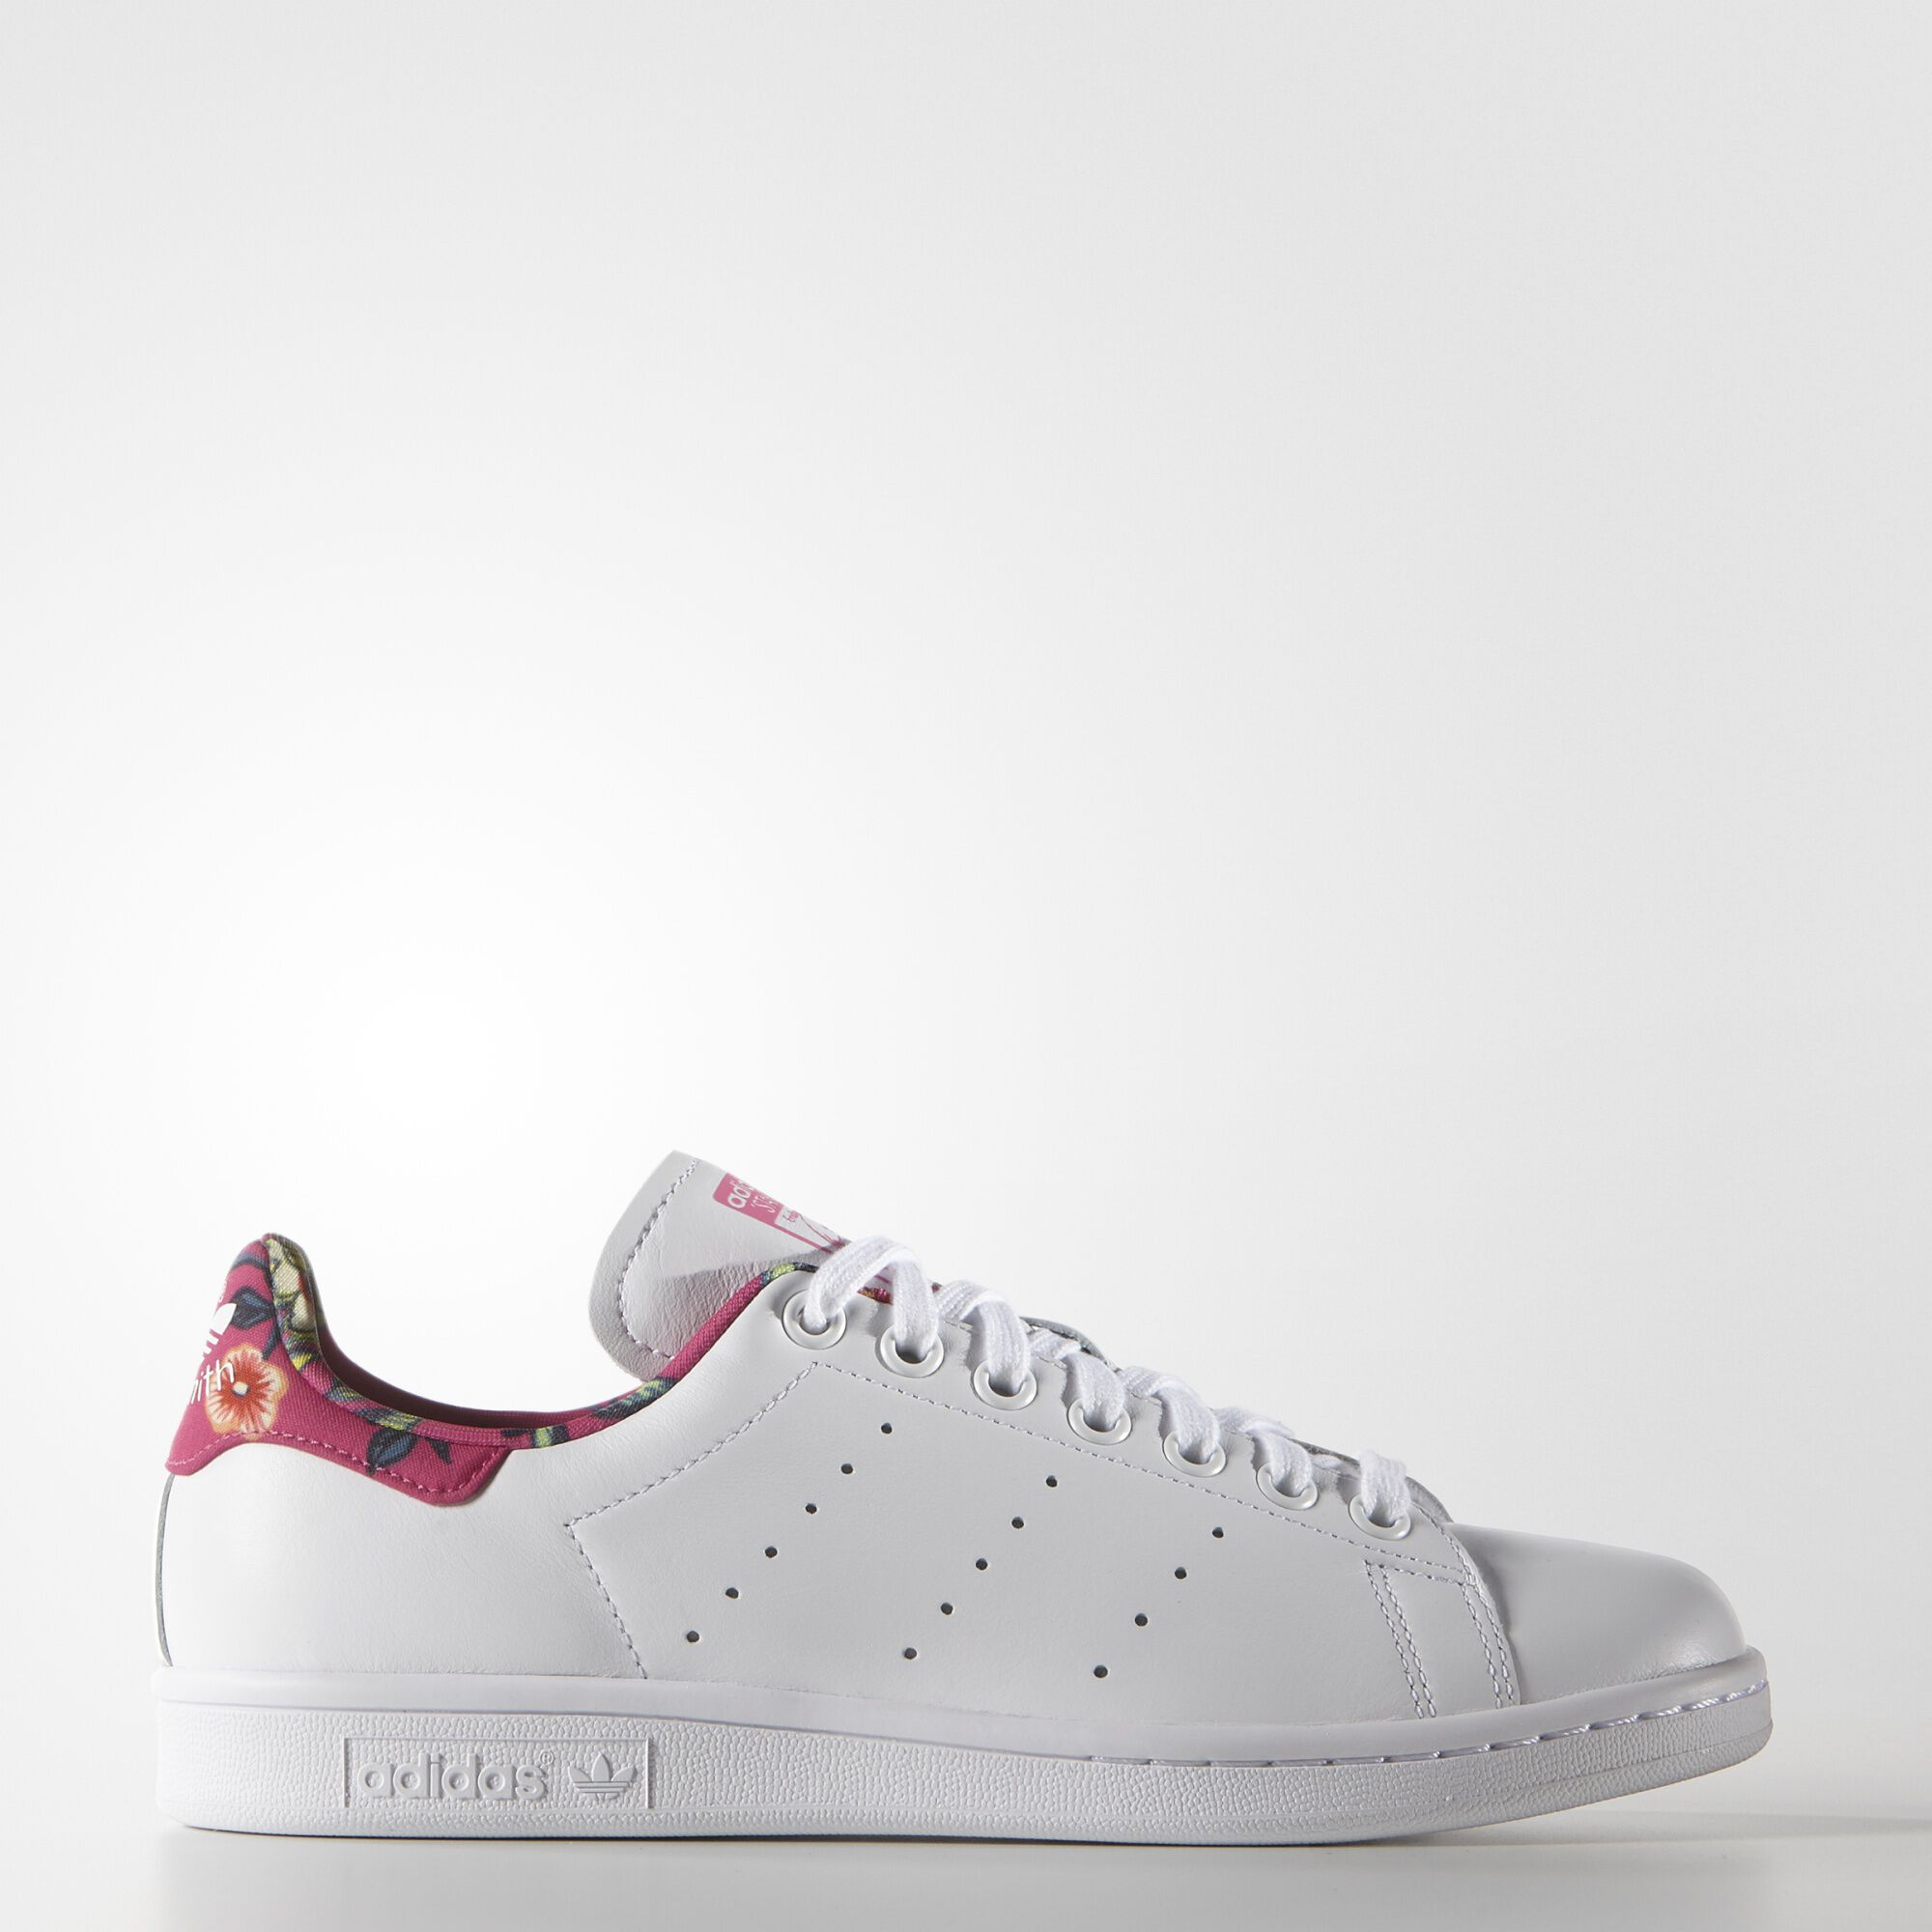 adidas originals stan smith 2 women Pink